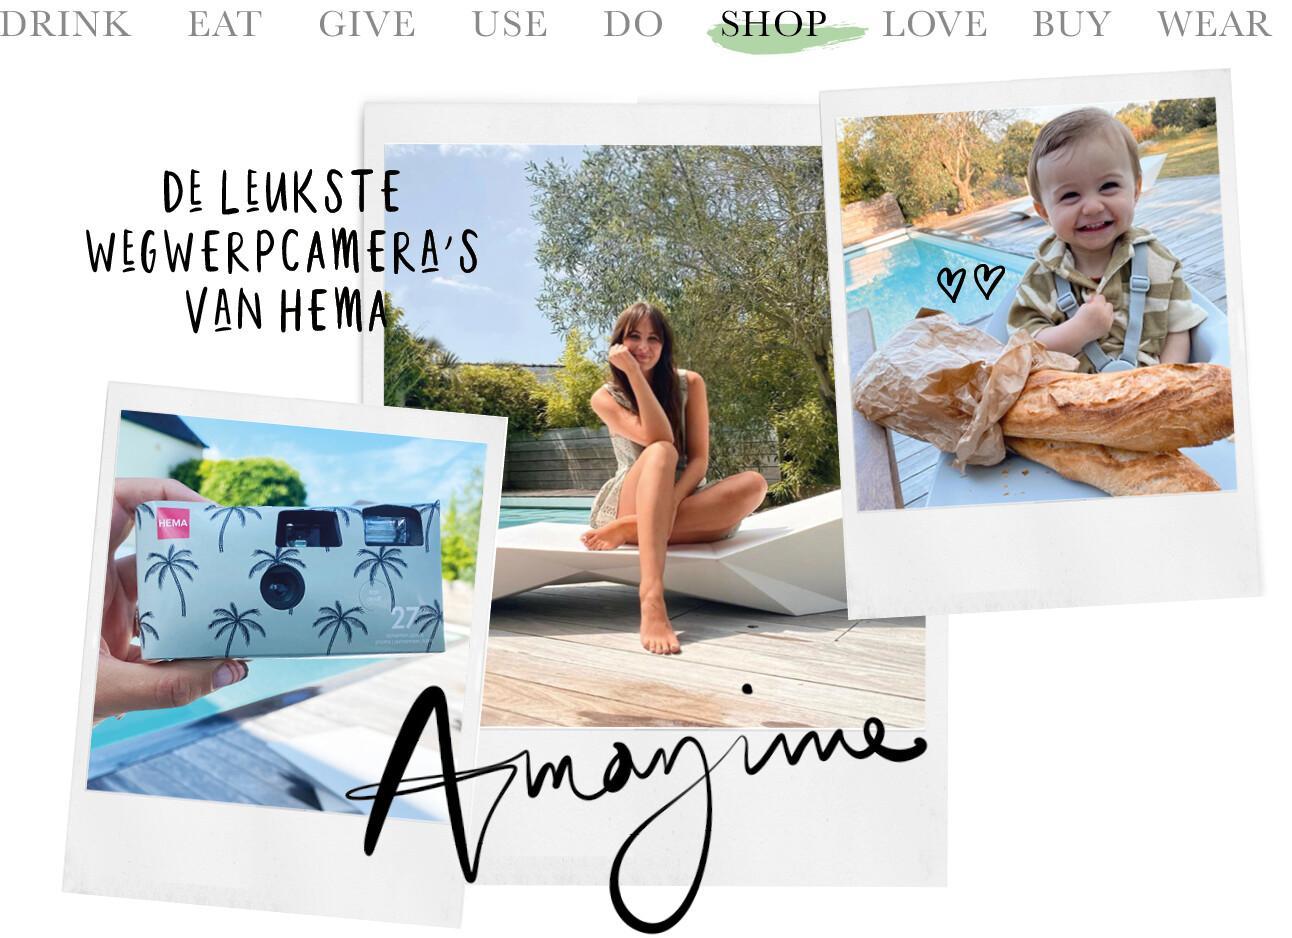 Today we shop de leukste wegwerpcamera's van Hema